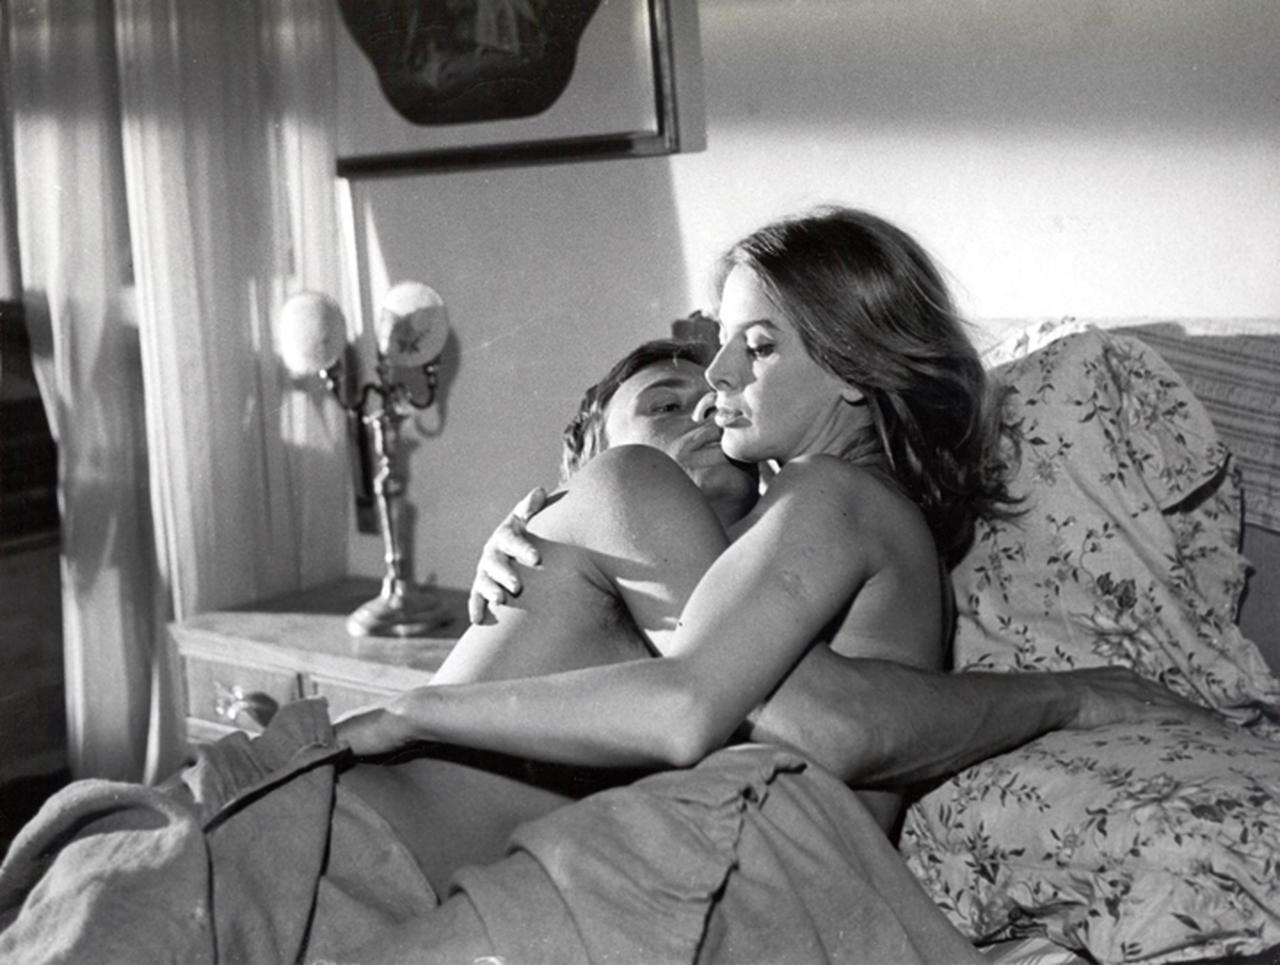 画像: 「激しい季節」Estate Violenta©Titanus 1959